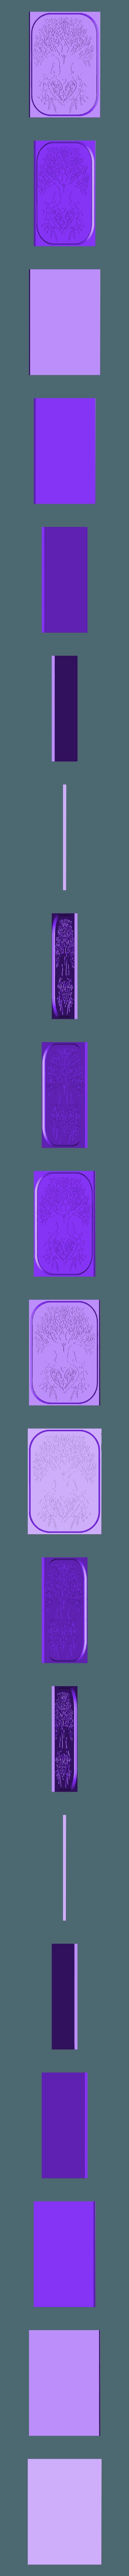 Tree_Wolves.stl Télécharger fichier STL gratuit Arbre de vie - Loups (Wolf) • Modèle imprimable en 3D, yb__magiic